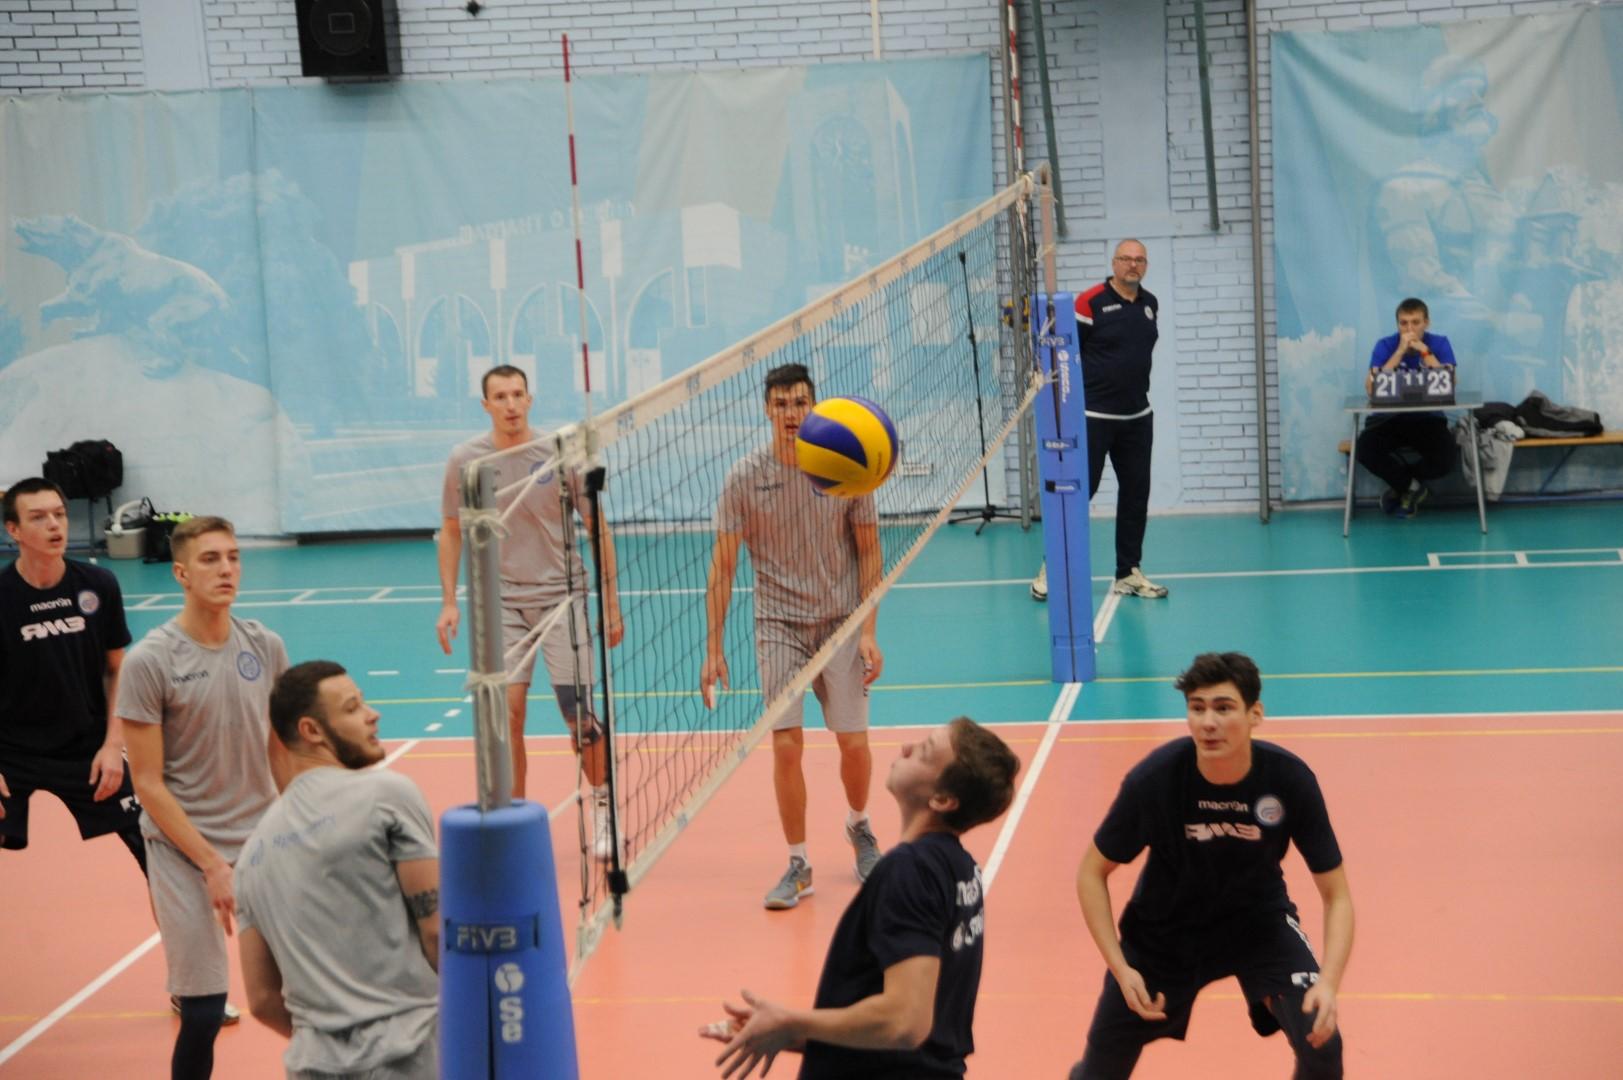 Регион получил 110 миллионов рублей на проектирование волейбольного центра в Ярославле